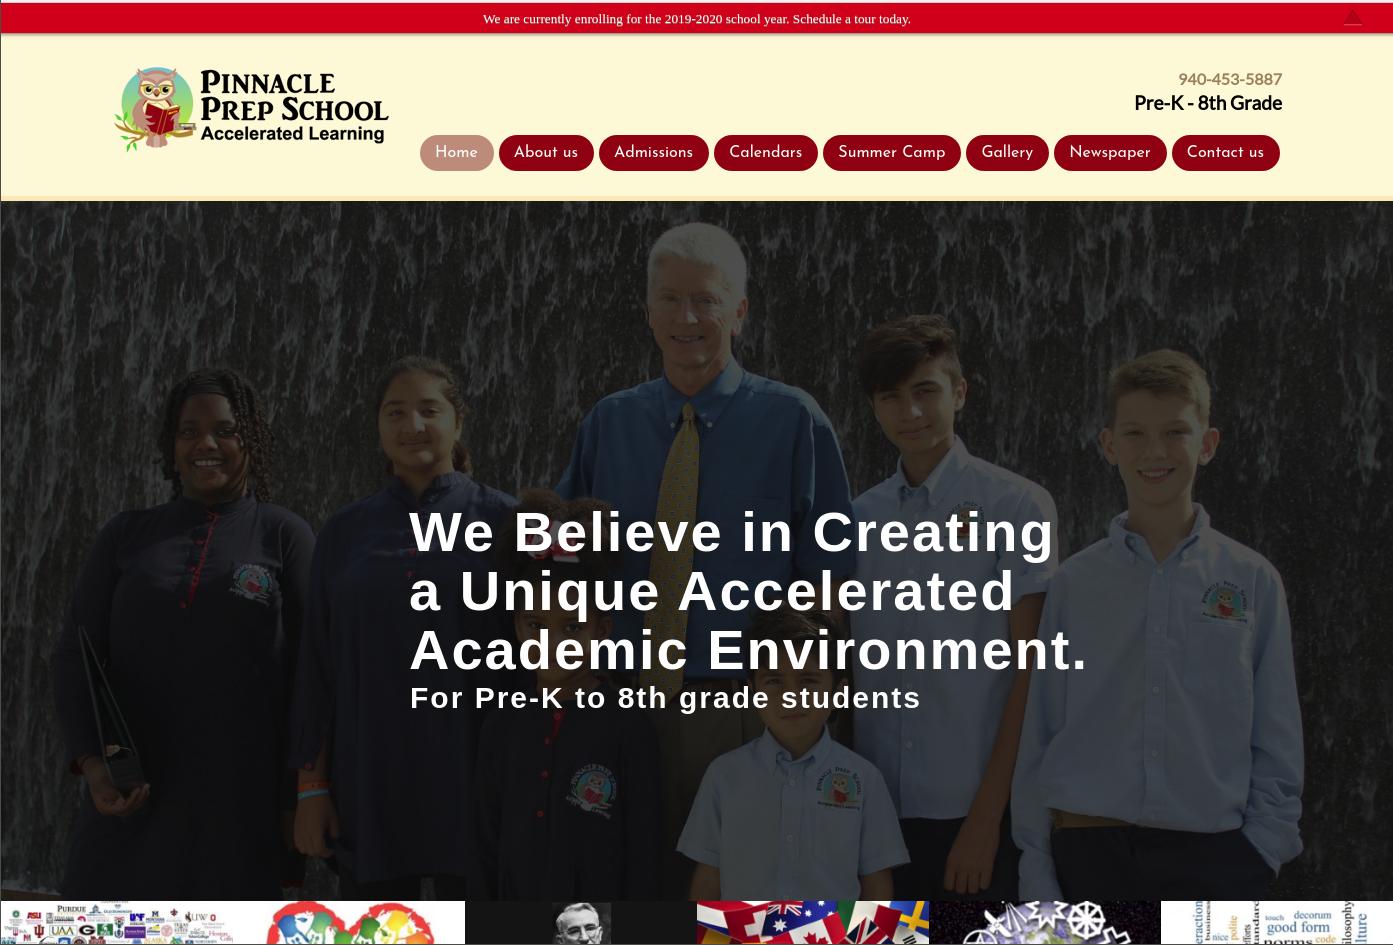 Pinnacle Prep School WordPress